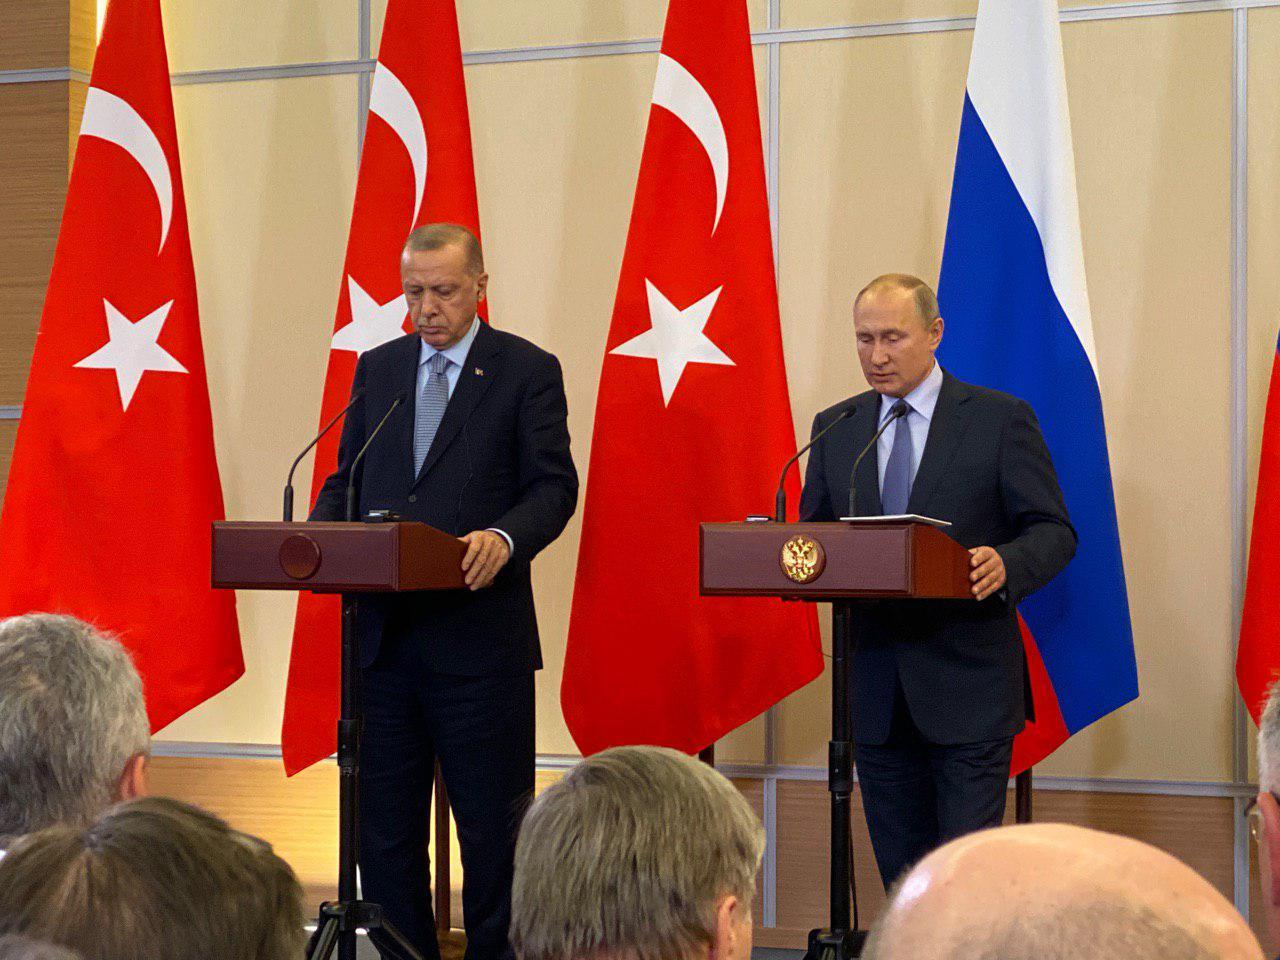 Сочинский меморандум: О чем договорились Путин и Эрдоган за шесть часов